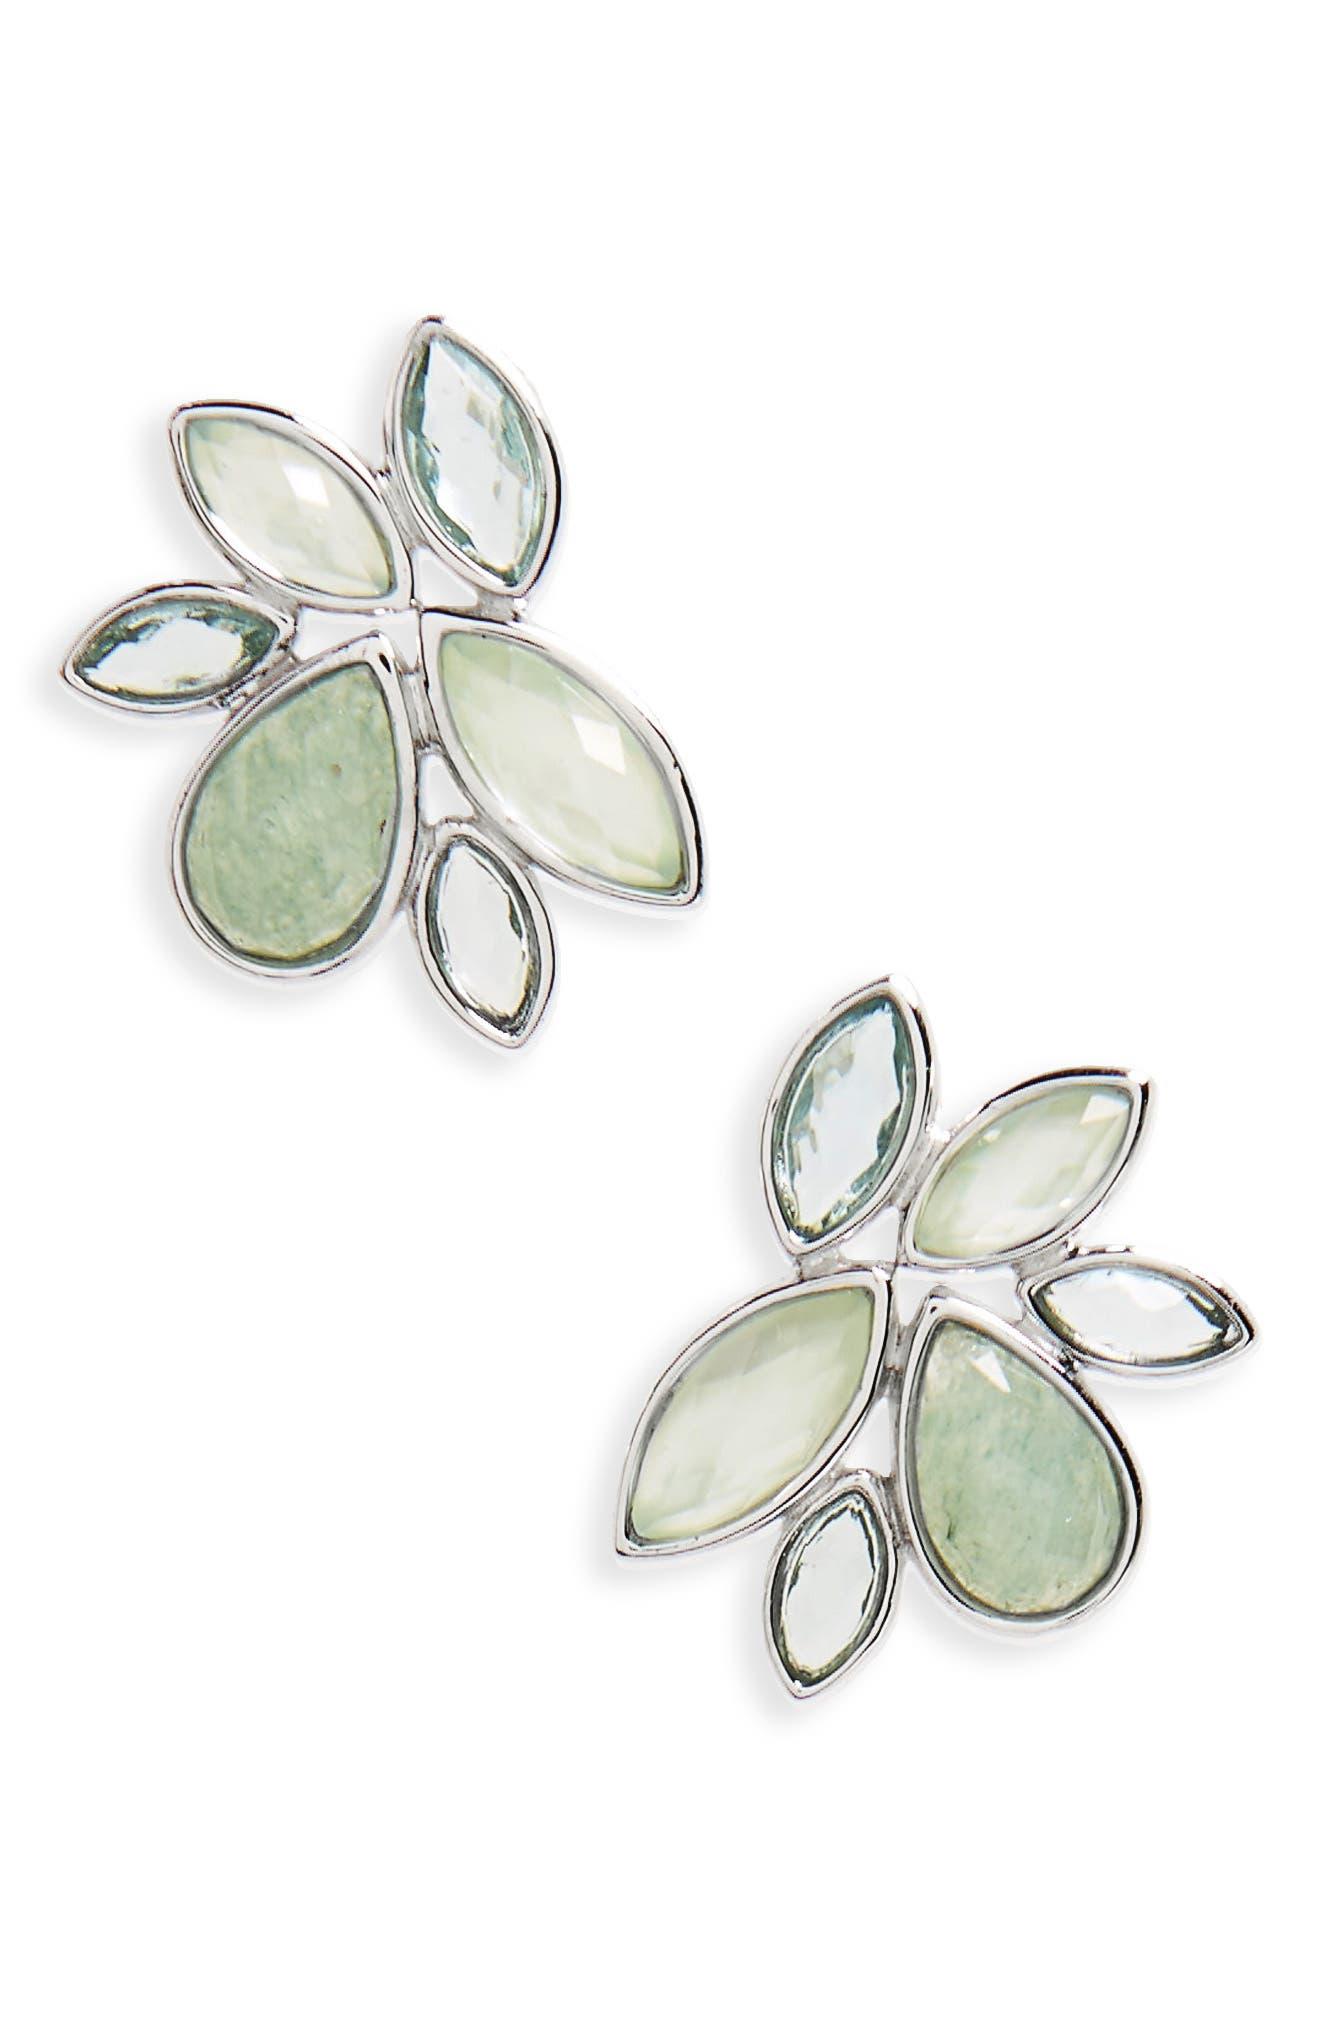 Lakeside Stud Earrings,                             Main thumbnail 1, color,                             300